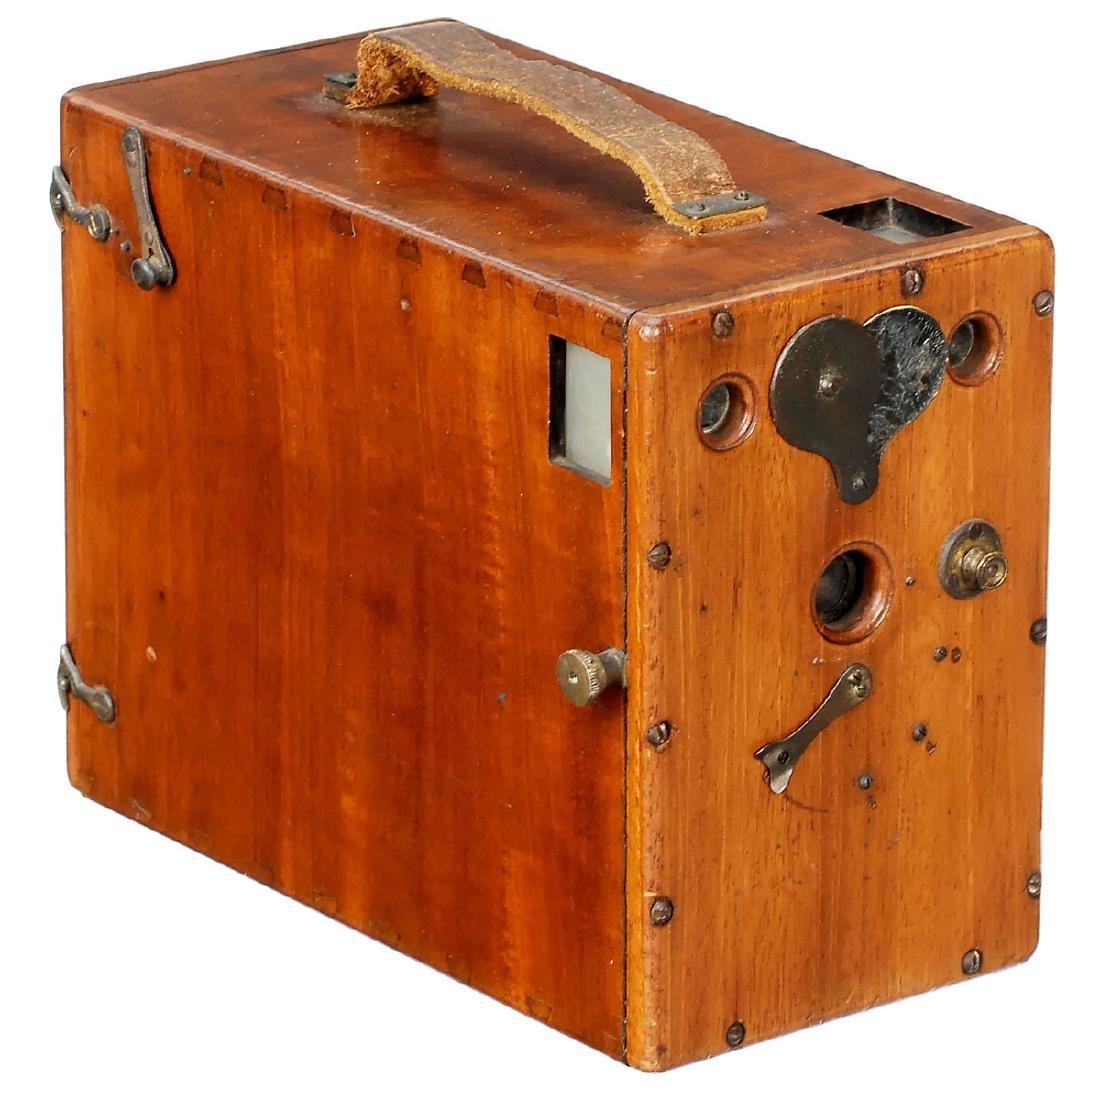 Polished Wood Magazine Camera 9 x 12, c. 1880